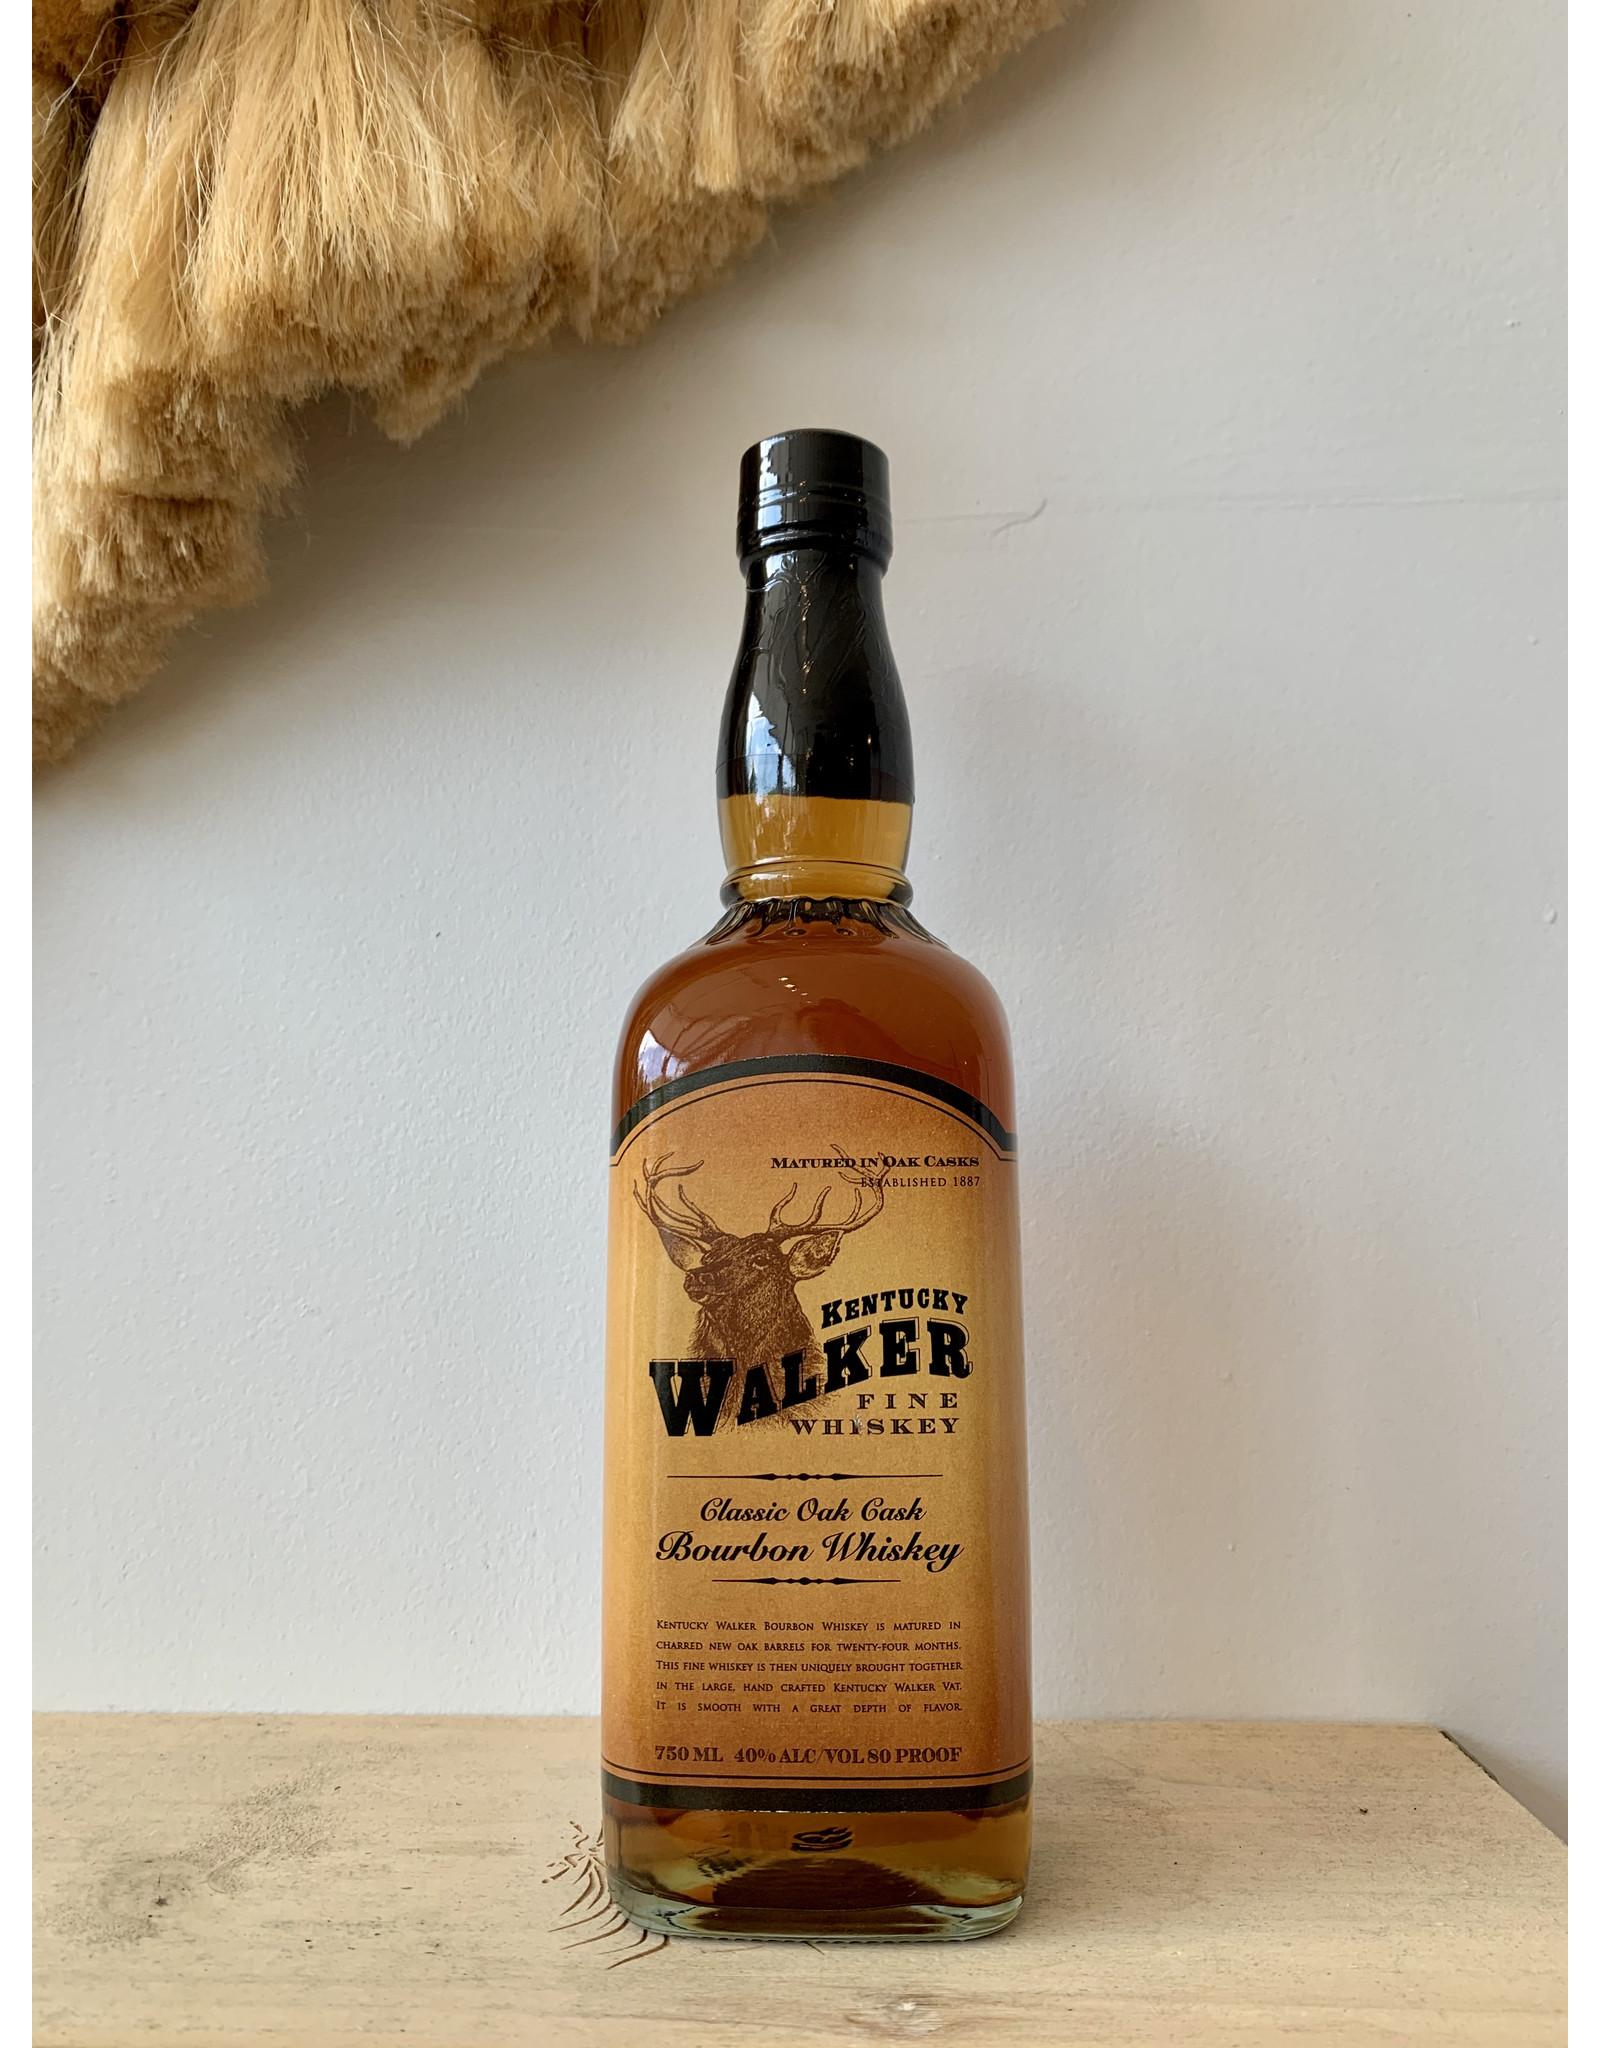 Kentucky Walker Straight Bourbon